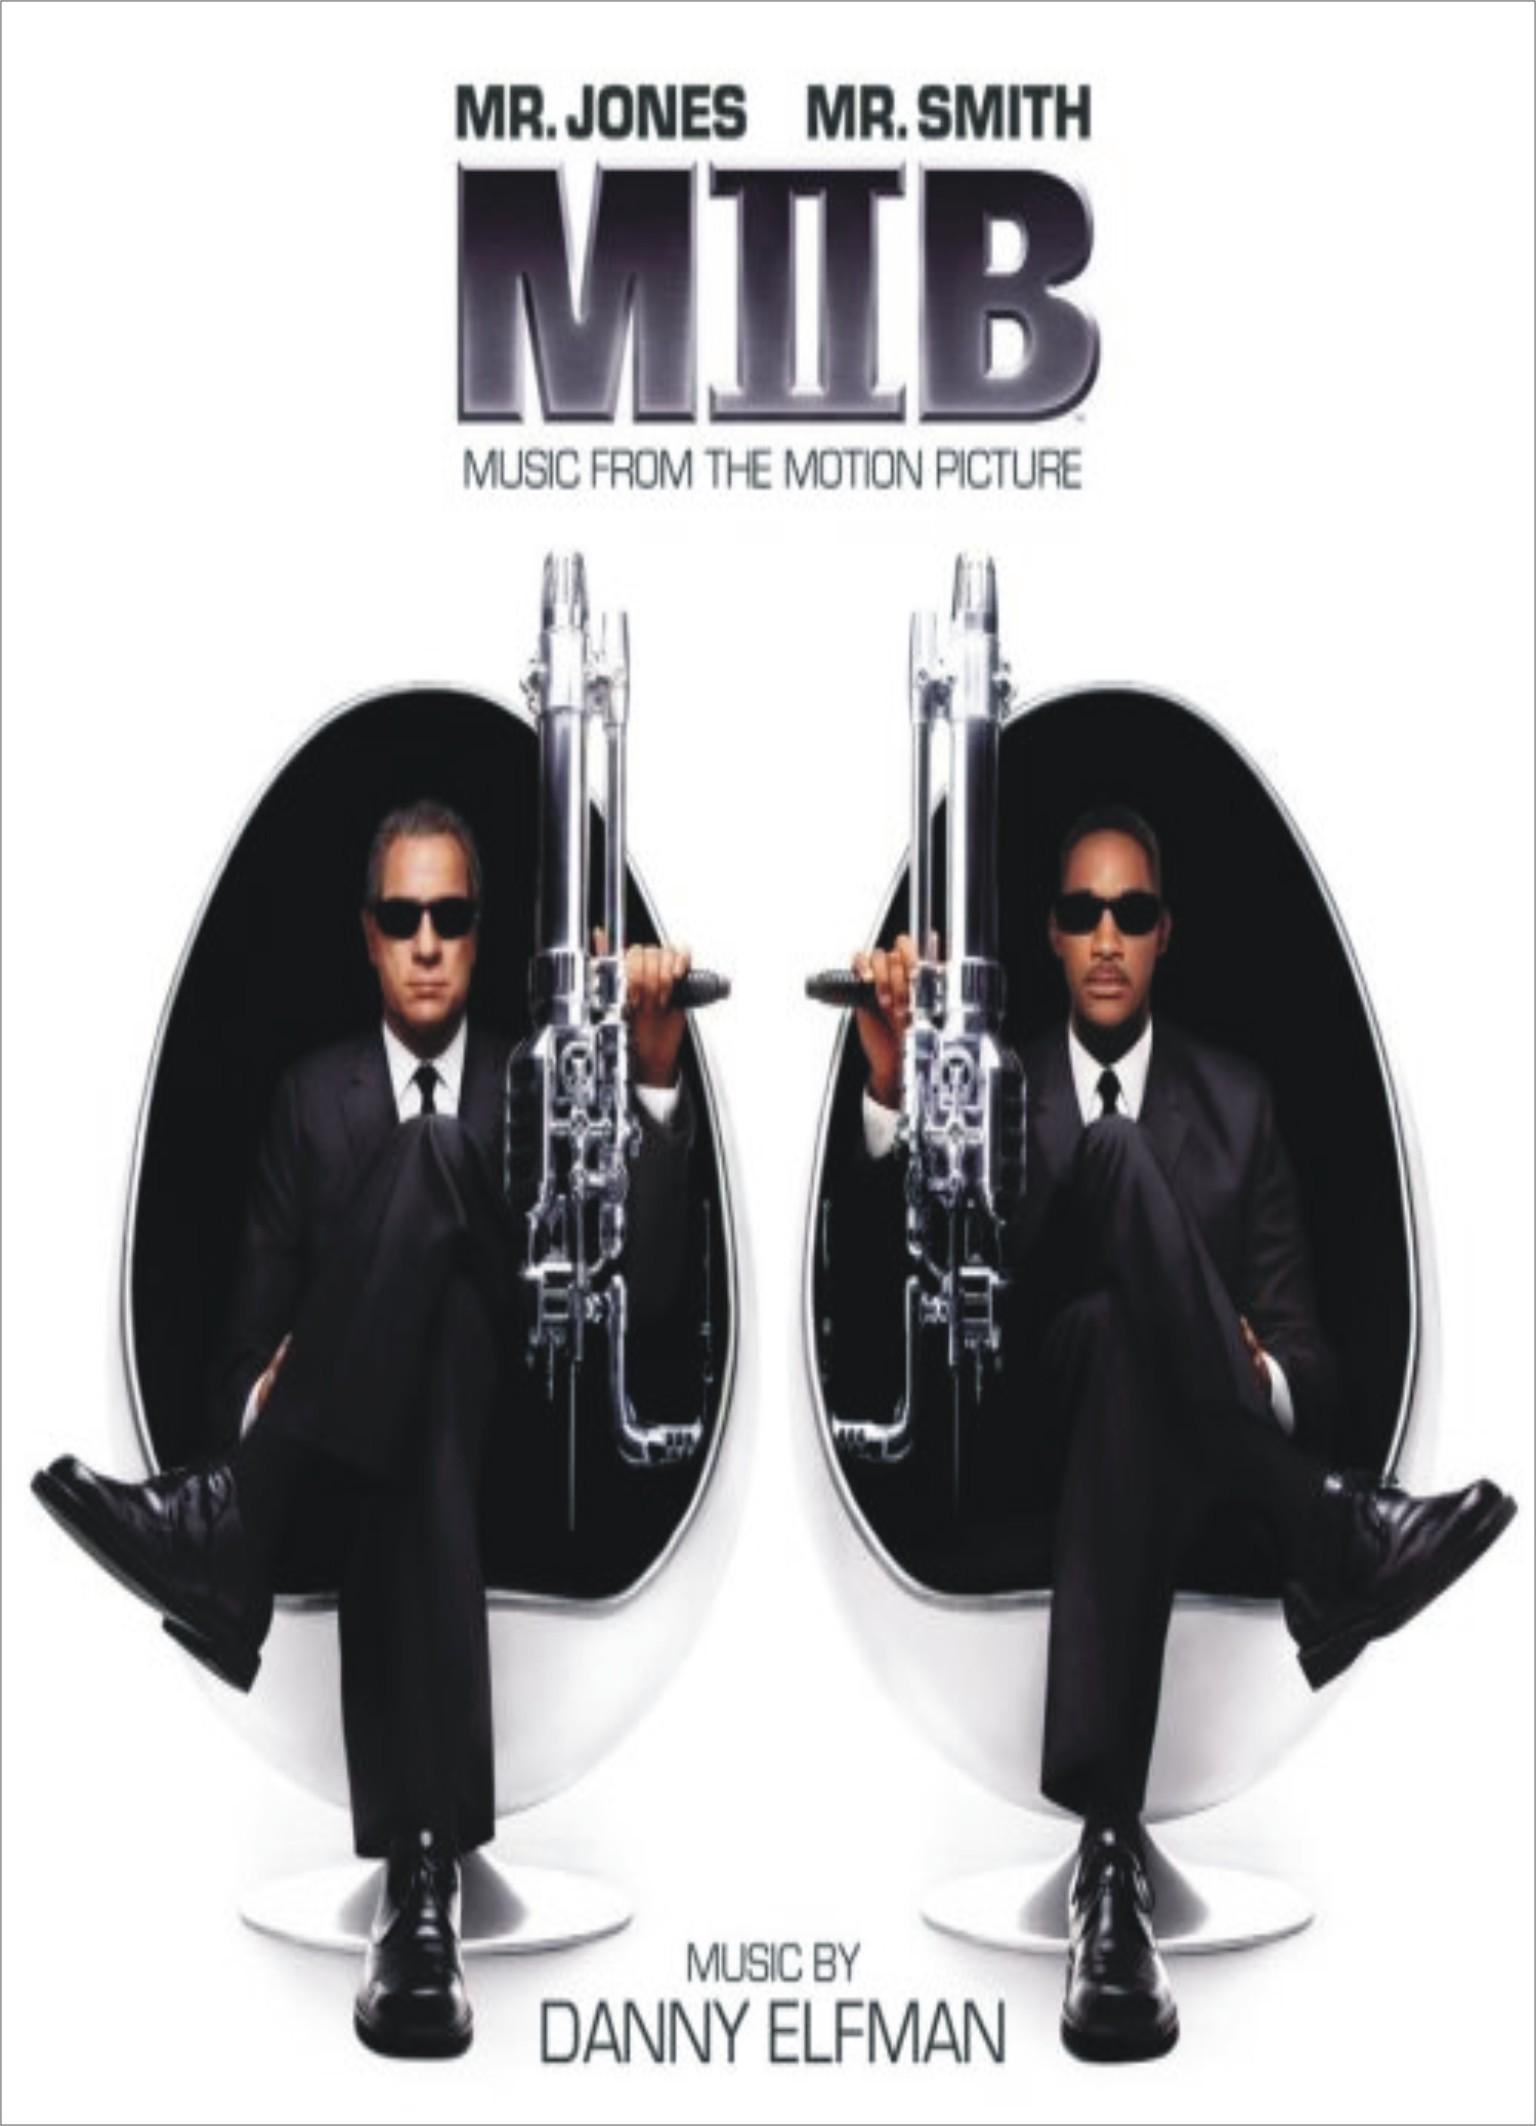 مردان سیاهپوش ۲ (ویل اسمیت و تامی لی جونز)